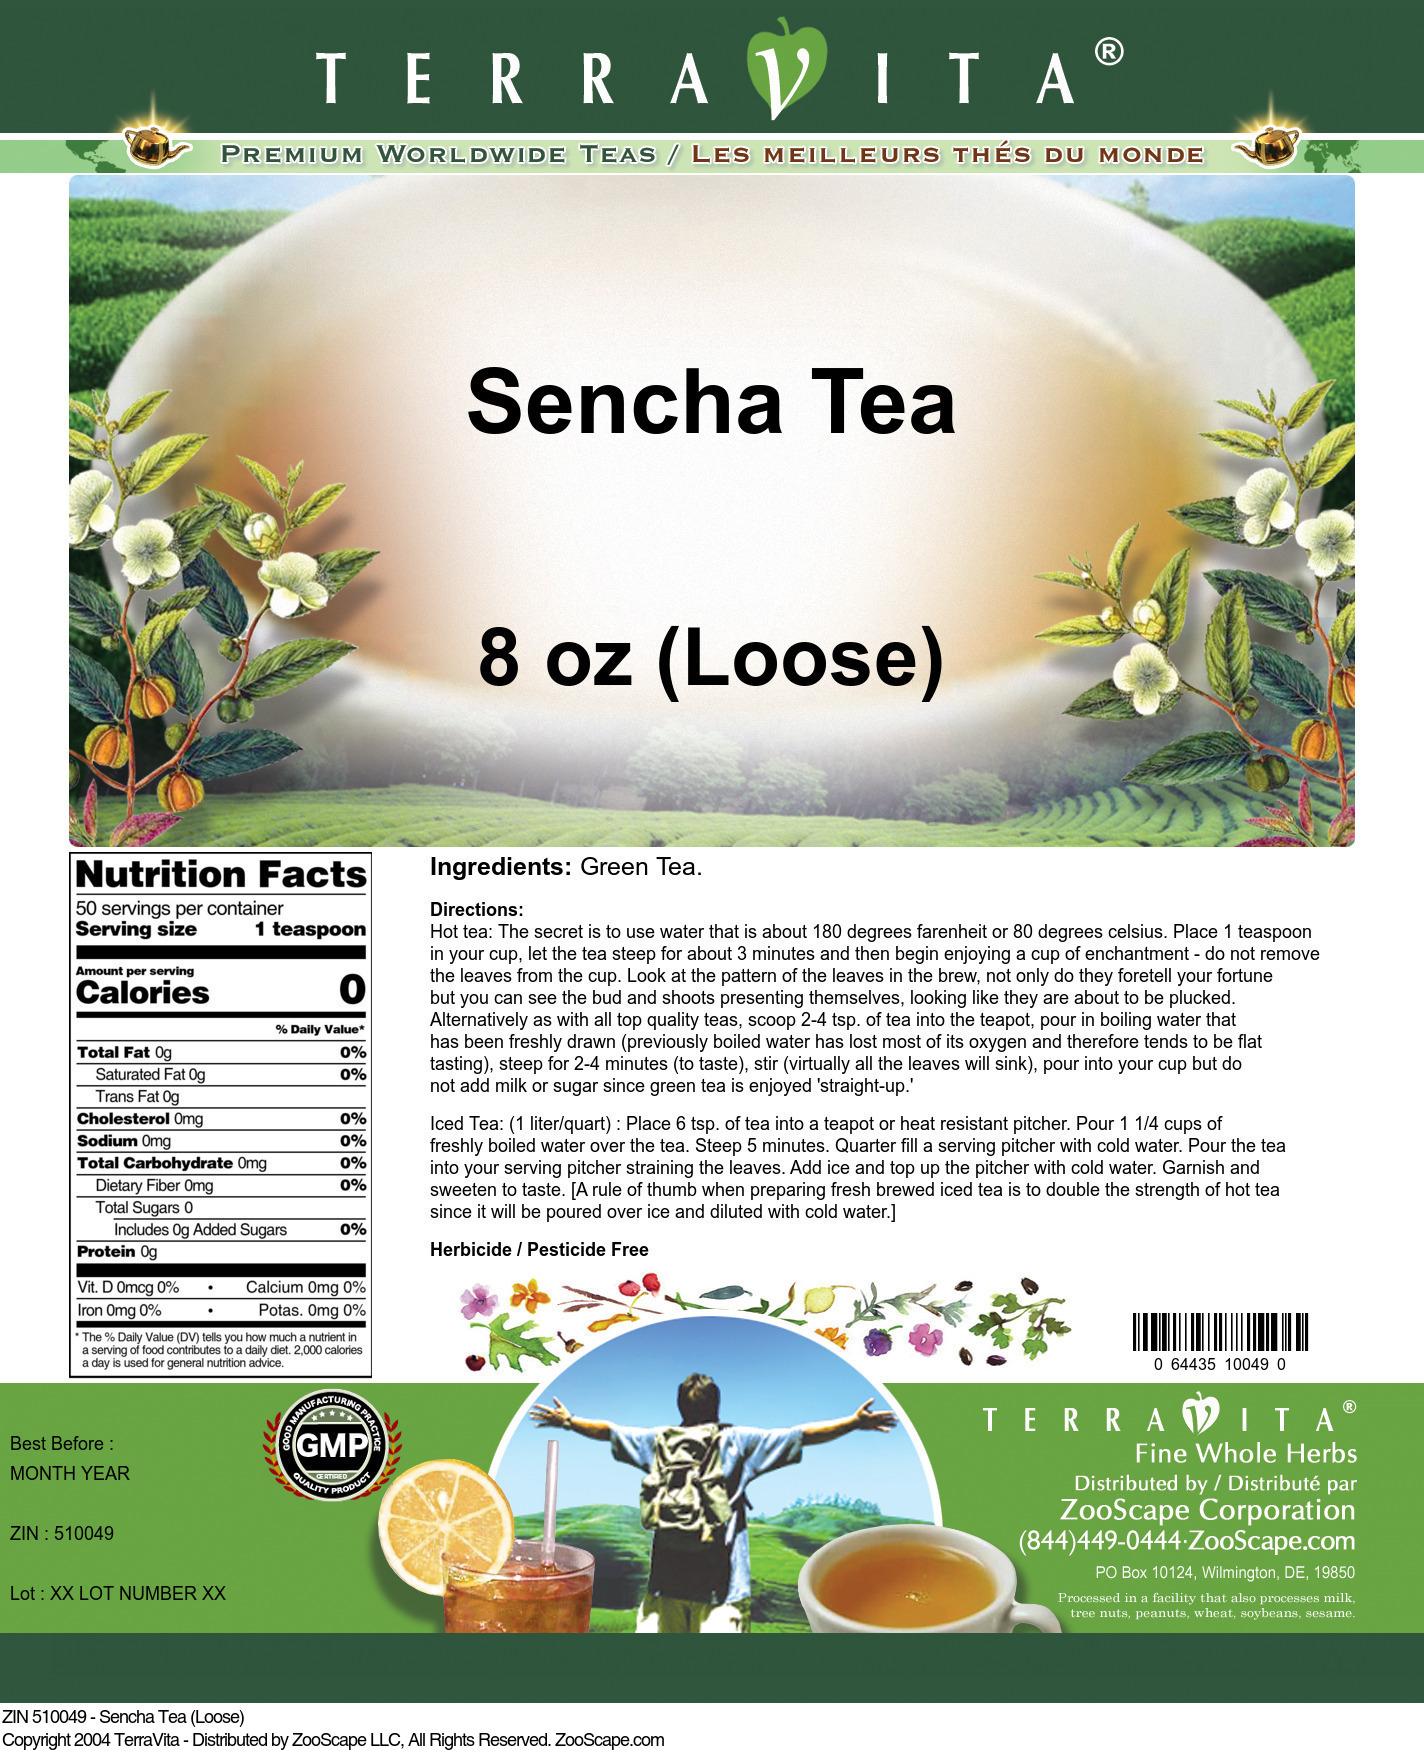 Sencha Tea (Loose)